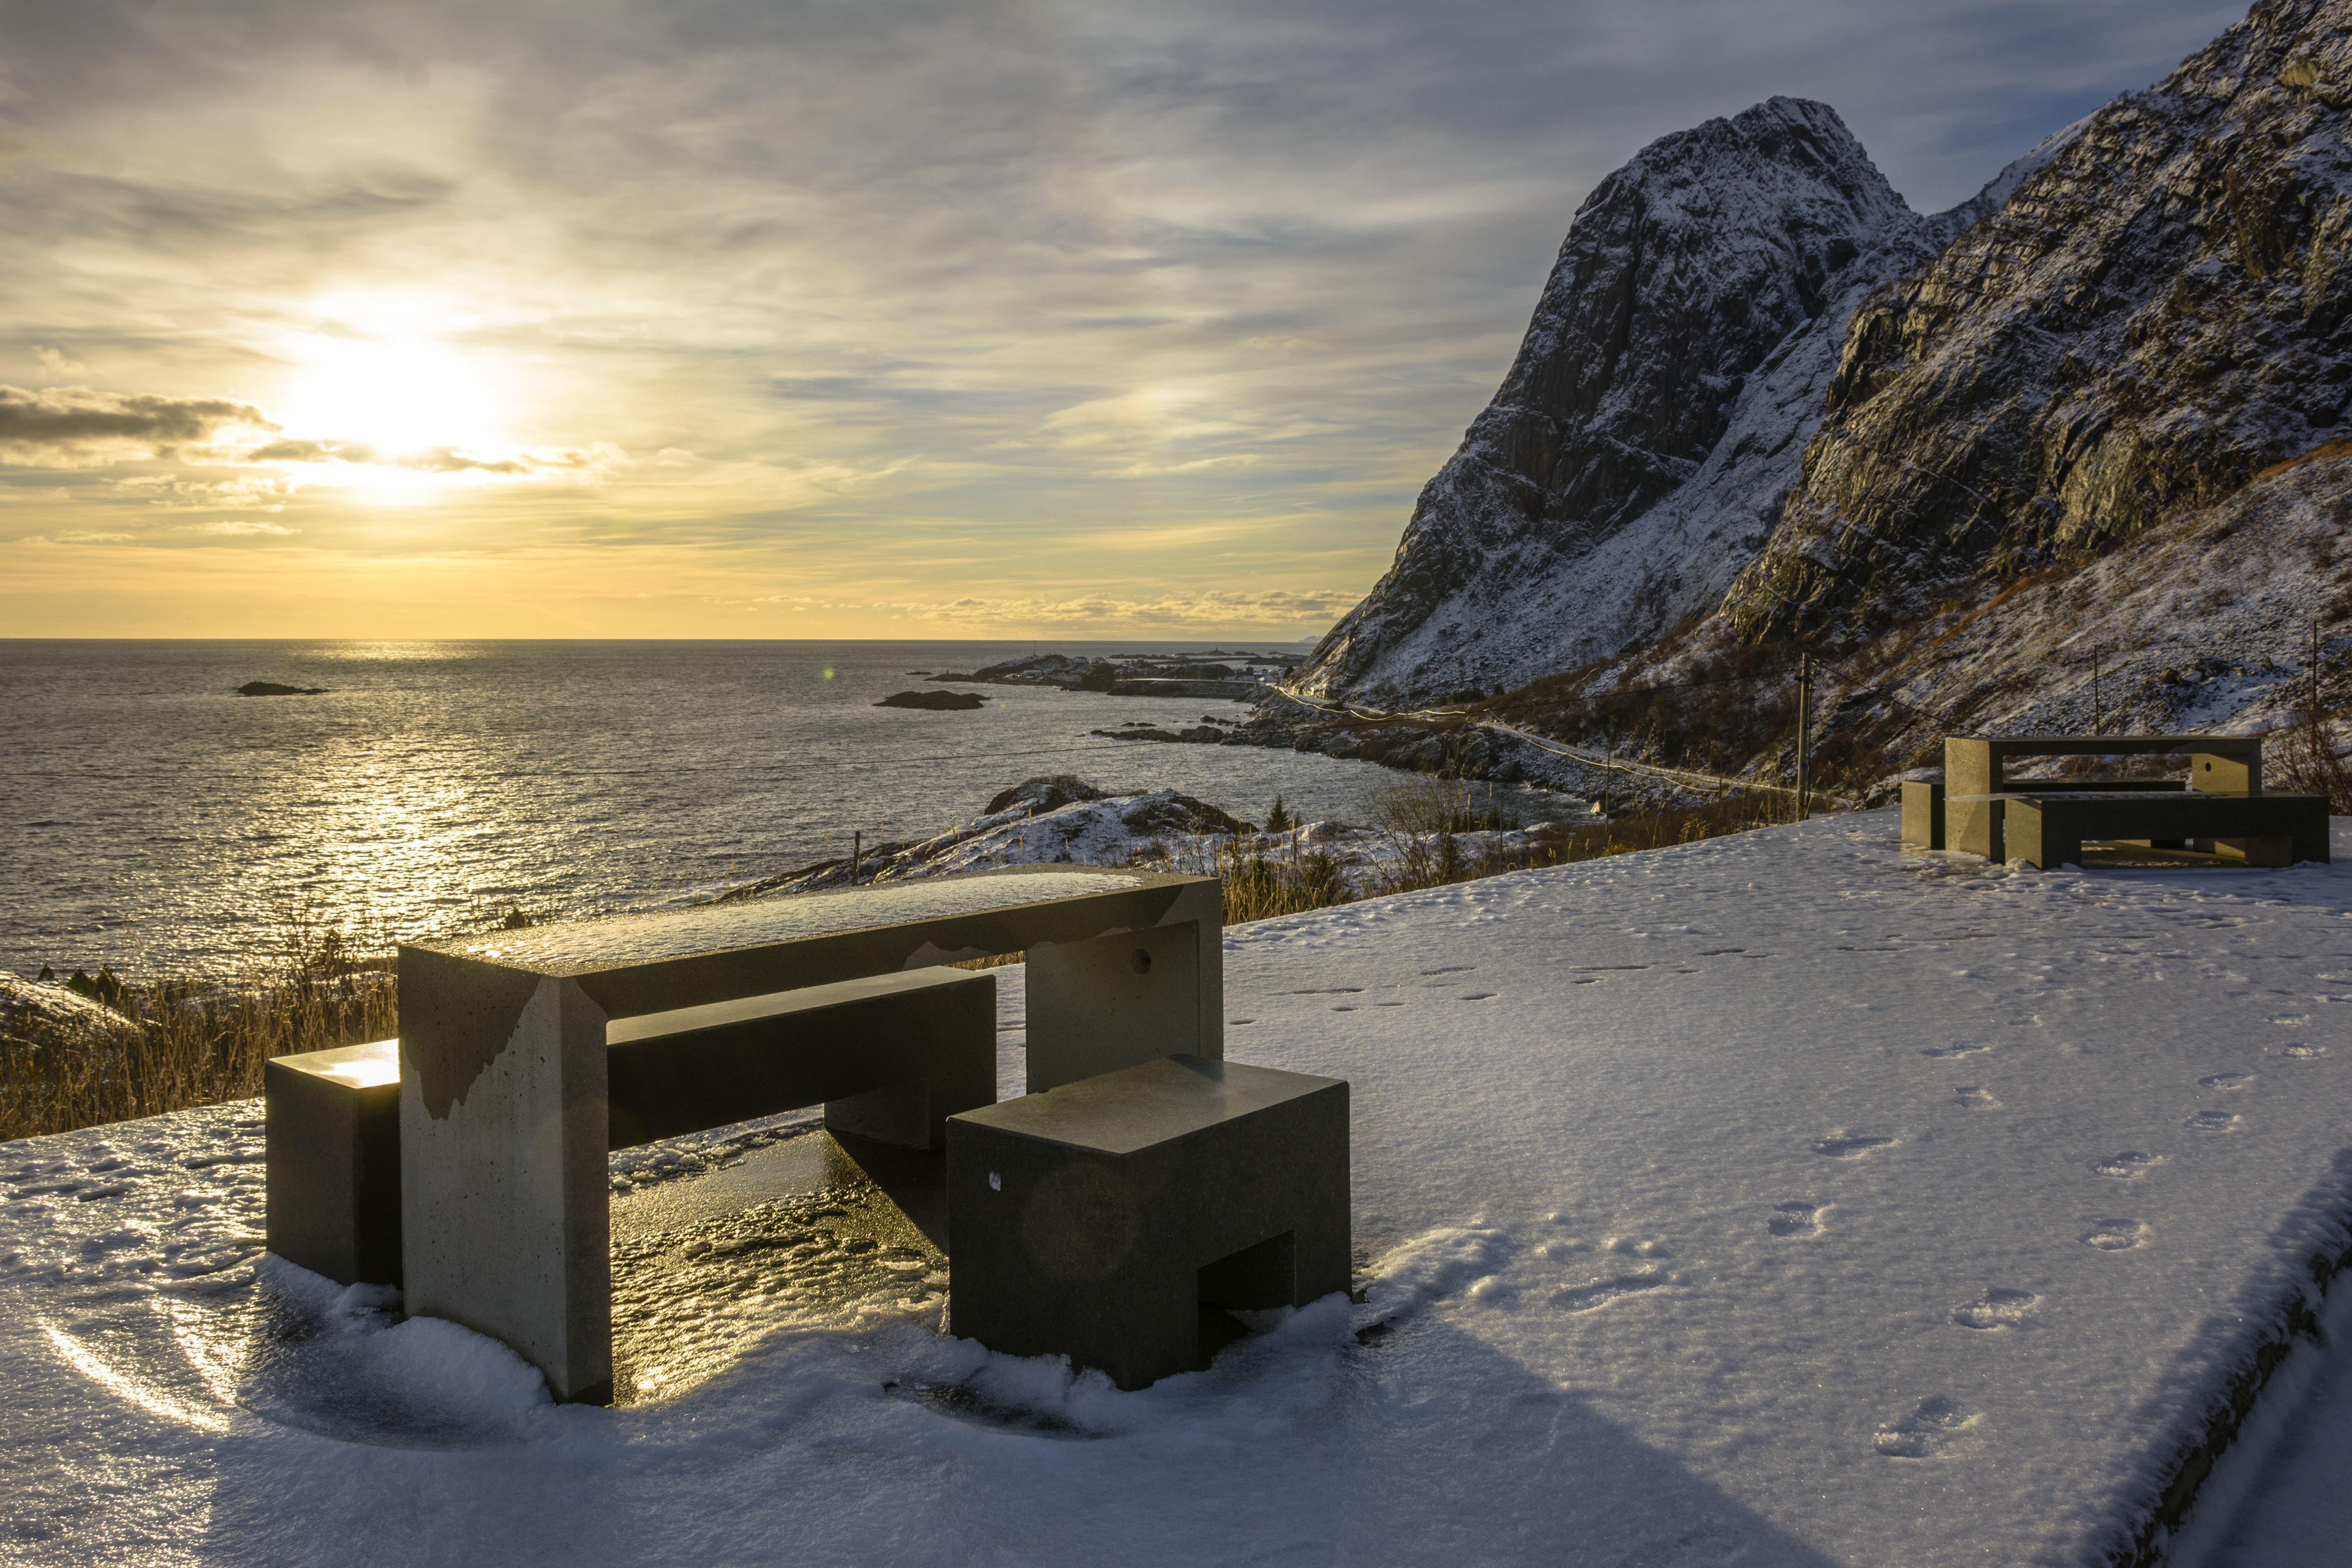 © www.nasjonaleturistvegar.no, Nasjonal turistveg Lofoten